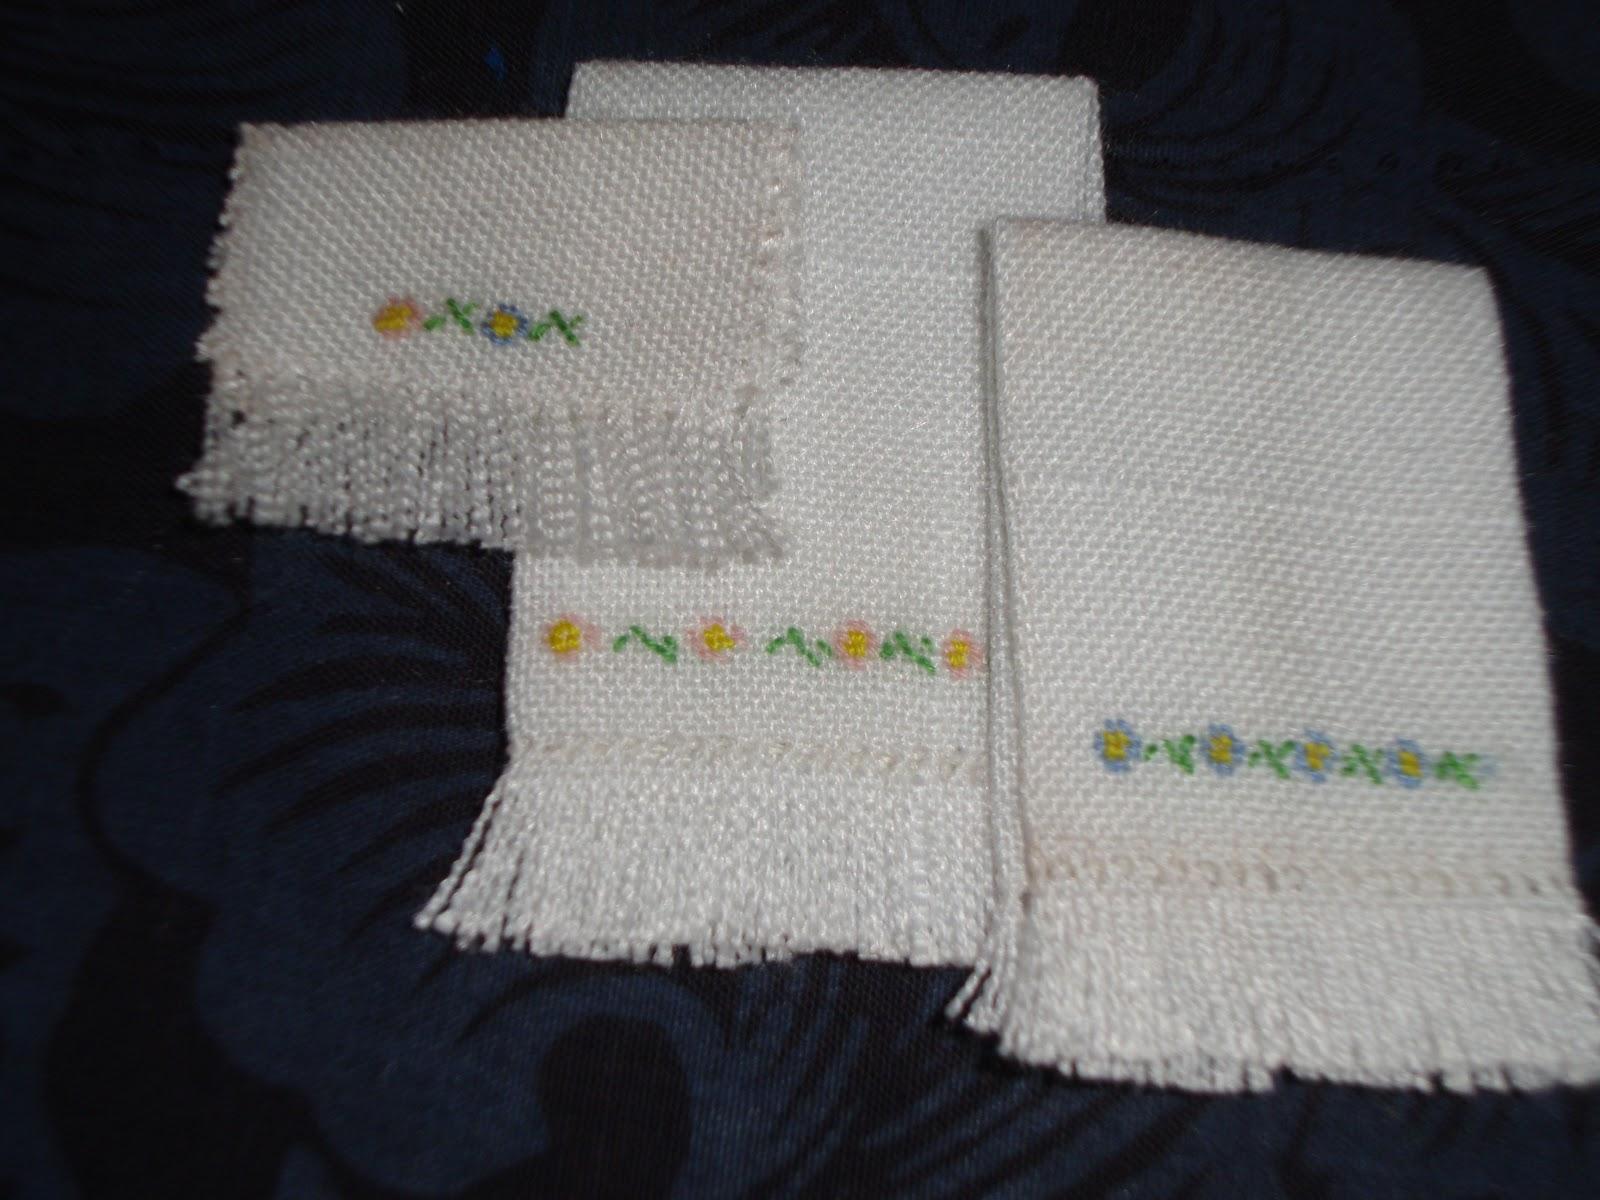 Mabet miniaturas toallas y s banas - Sabanas y toallas ...